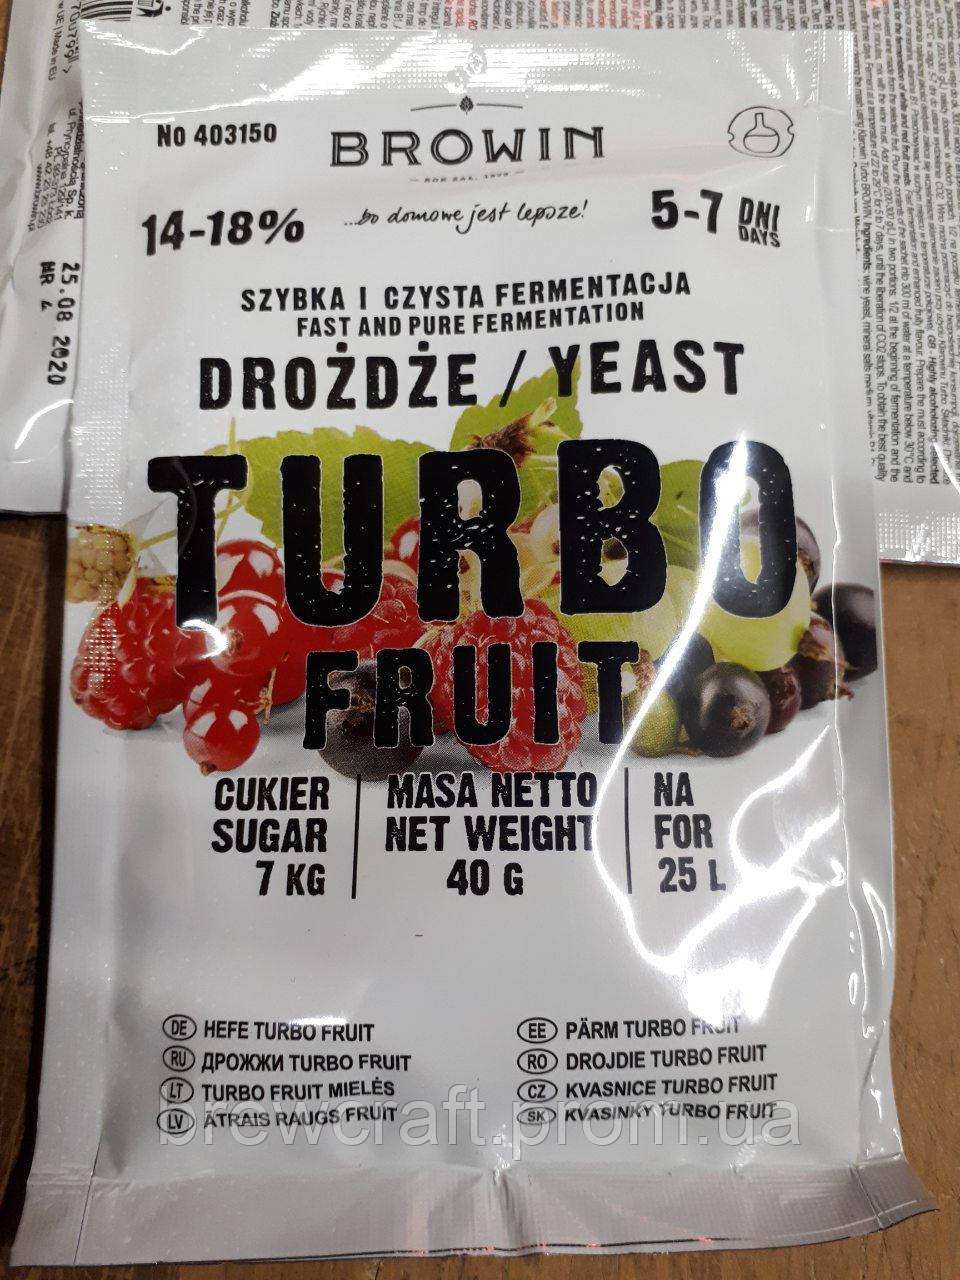 Дрожжи Turbo Fruit Browin Польша на 25 литров